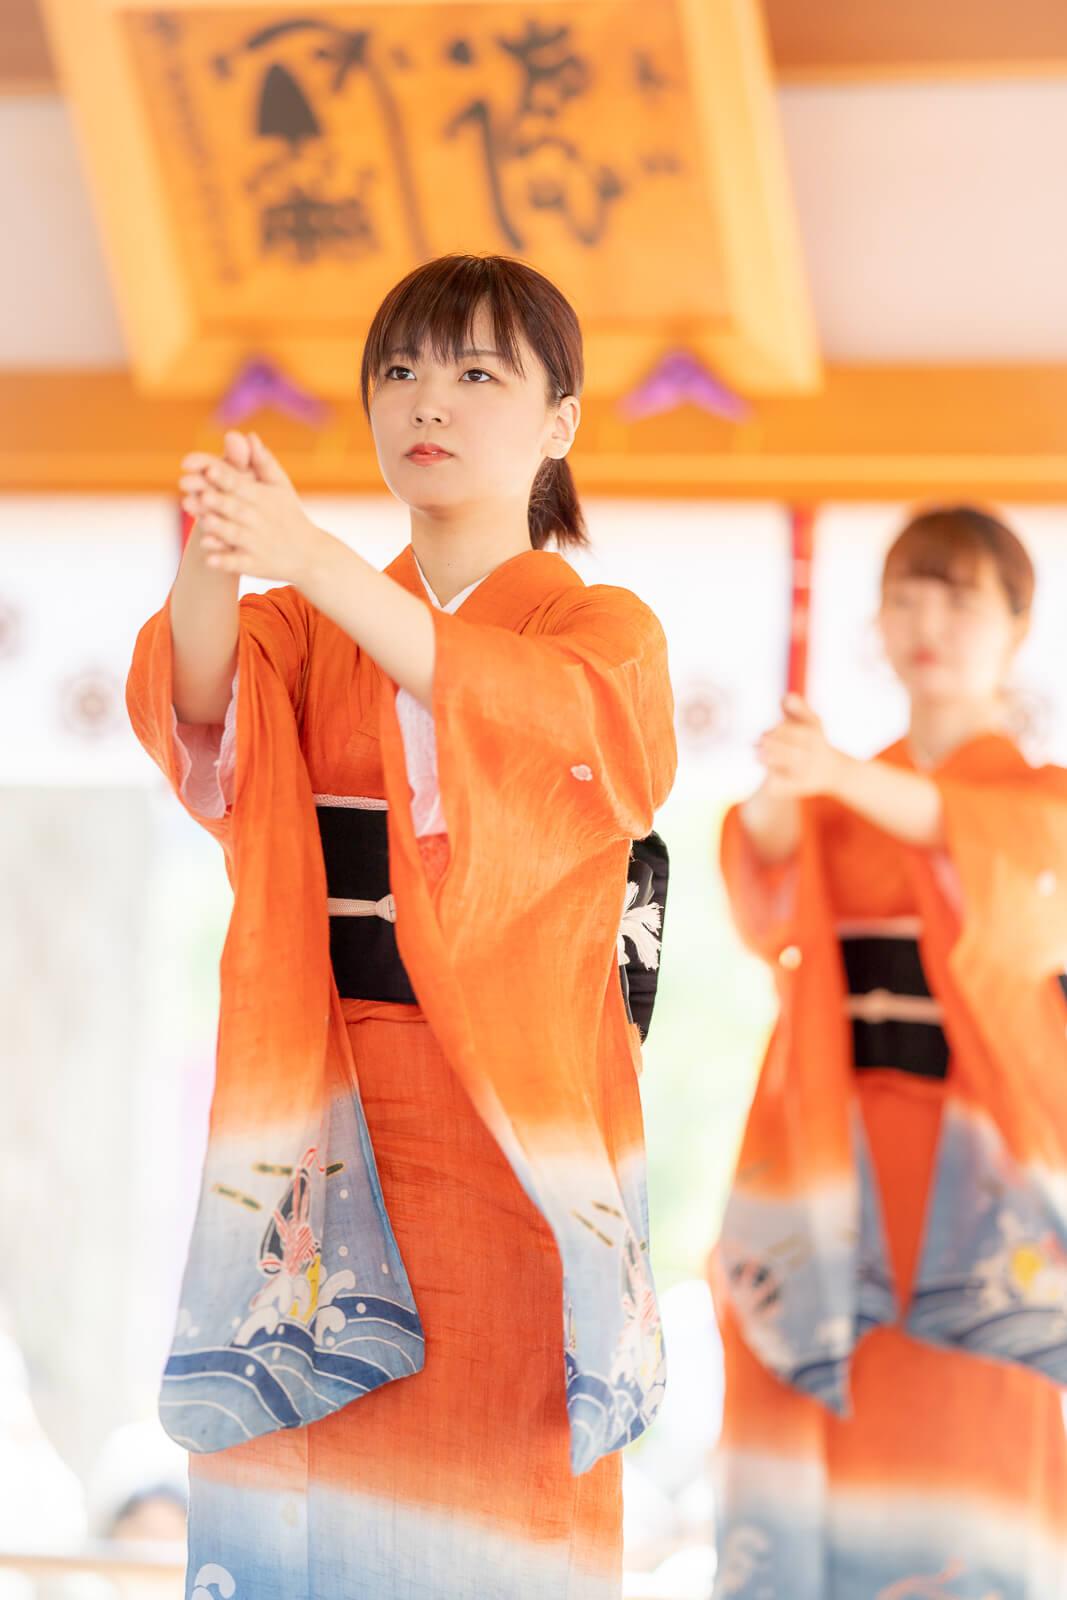 五箇山こきりこ祭り2019